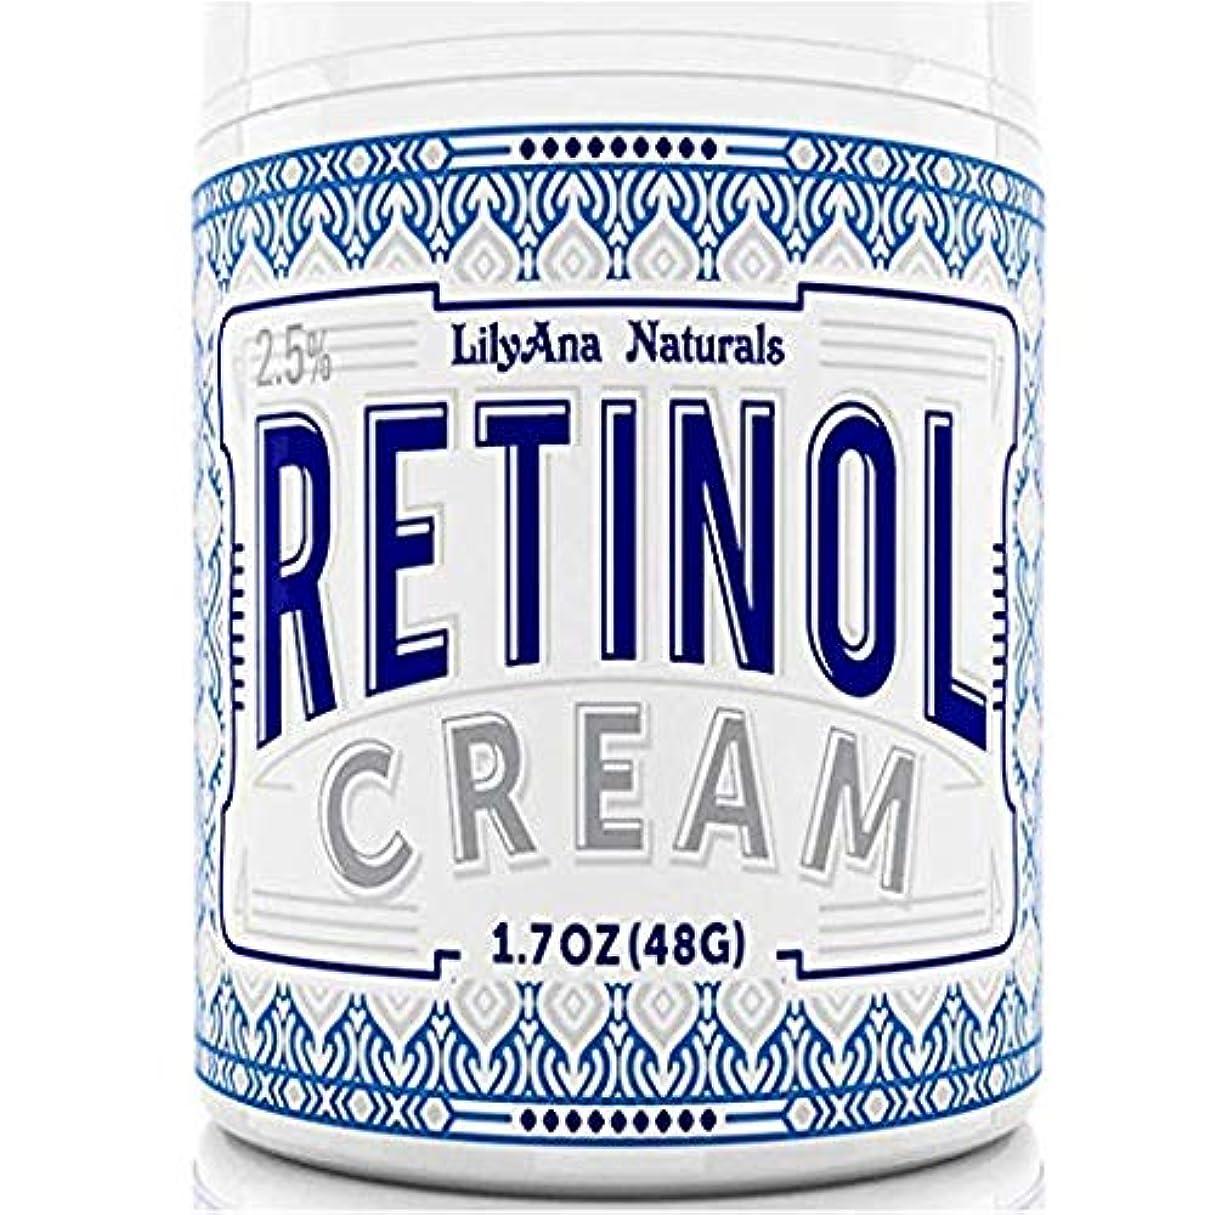 うめき絶壁荒廃するLilyAna 社 の レチノール モイスチャー クリーム LilyAna Naturals Retinol Cream Moisturizer 1.7 Oz